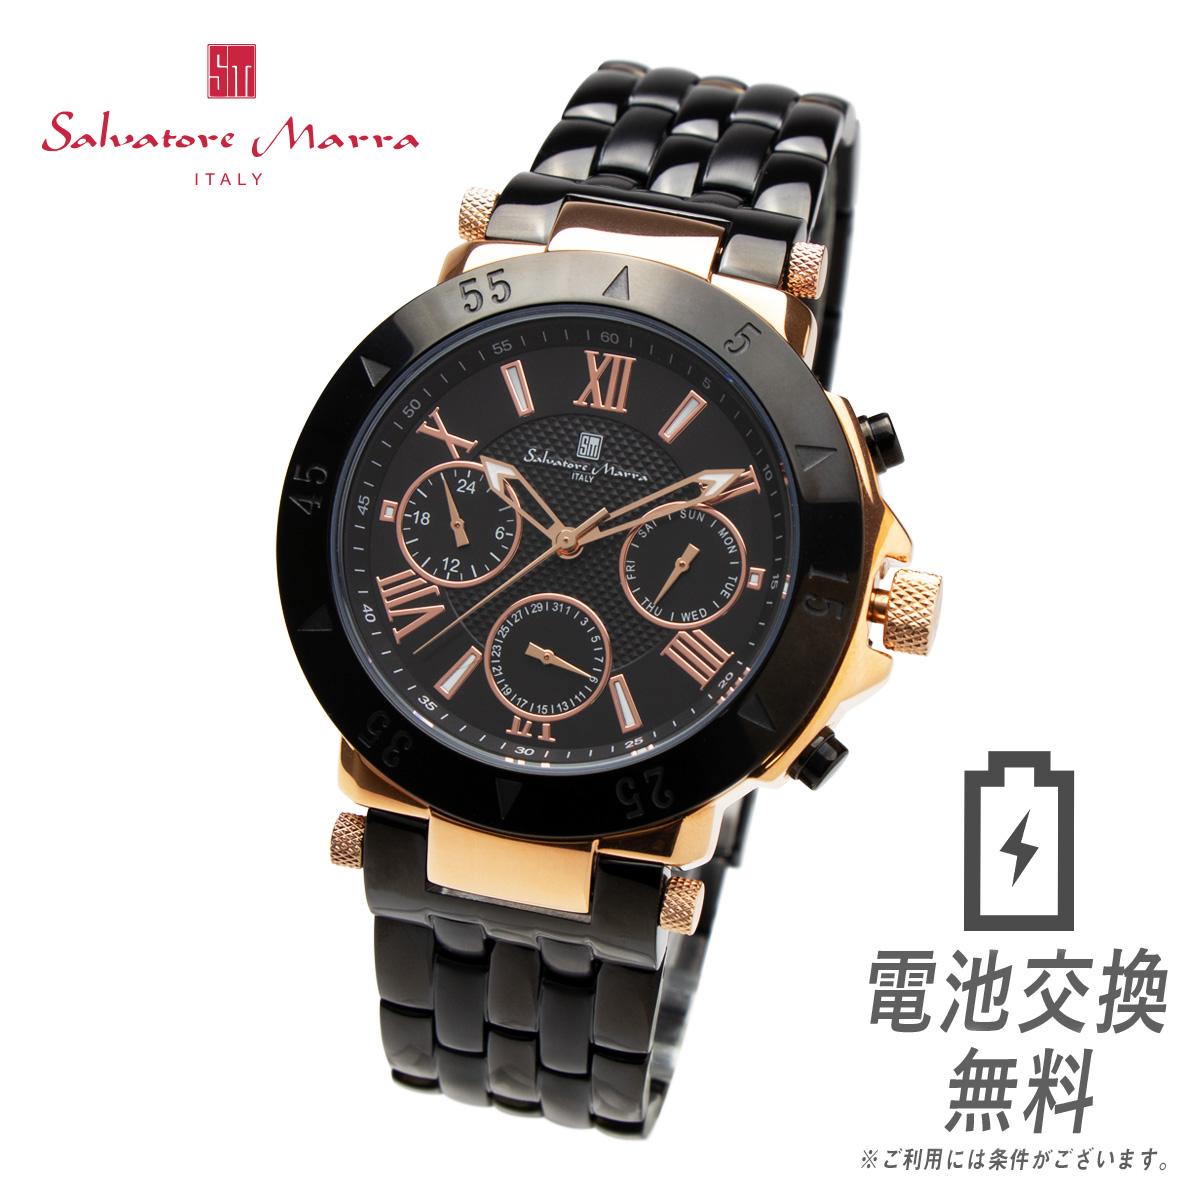 【ラッピング無料】サルバトーレマーラ Salvatore Marra メンズ 男性用 腕時計 SM14118-PGBK ブラック ローズゴールド ビジネスウォッチ 時計 曜日 日付 カレンダー 仕事用腕時計 ブランドウォッチ